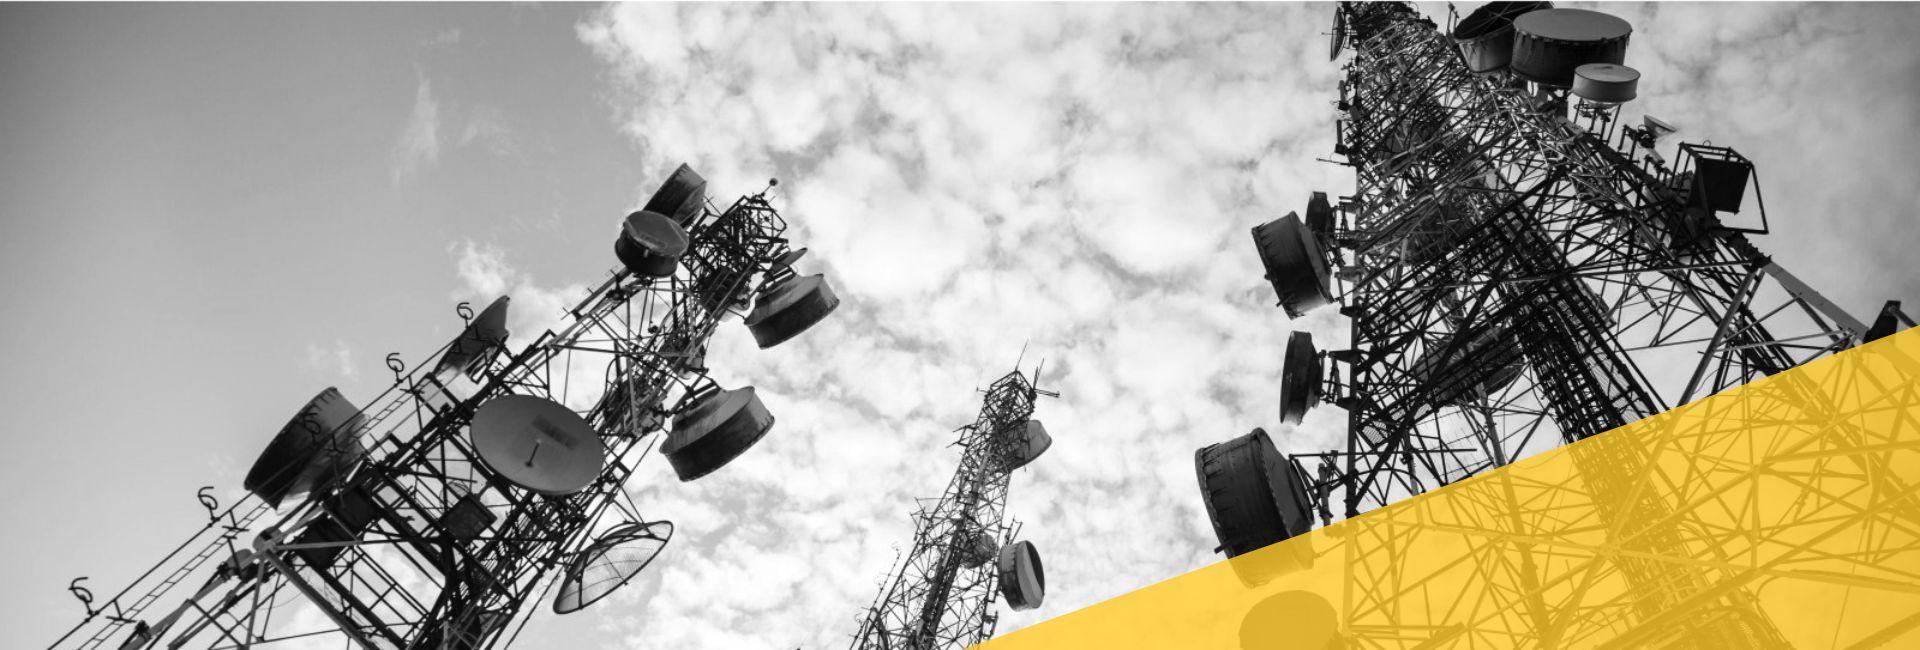 Expertise em projetos de TI e Telecomunicações   Expertise in IT projects and Telecommunications   Licitações e Concessões - Public Bid